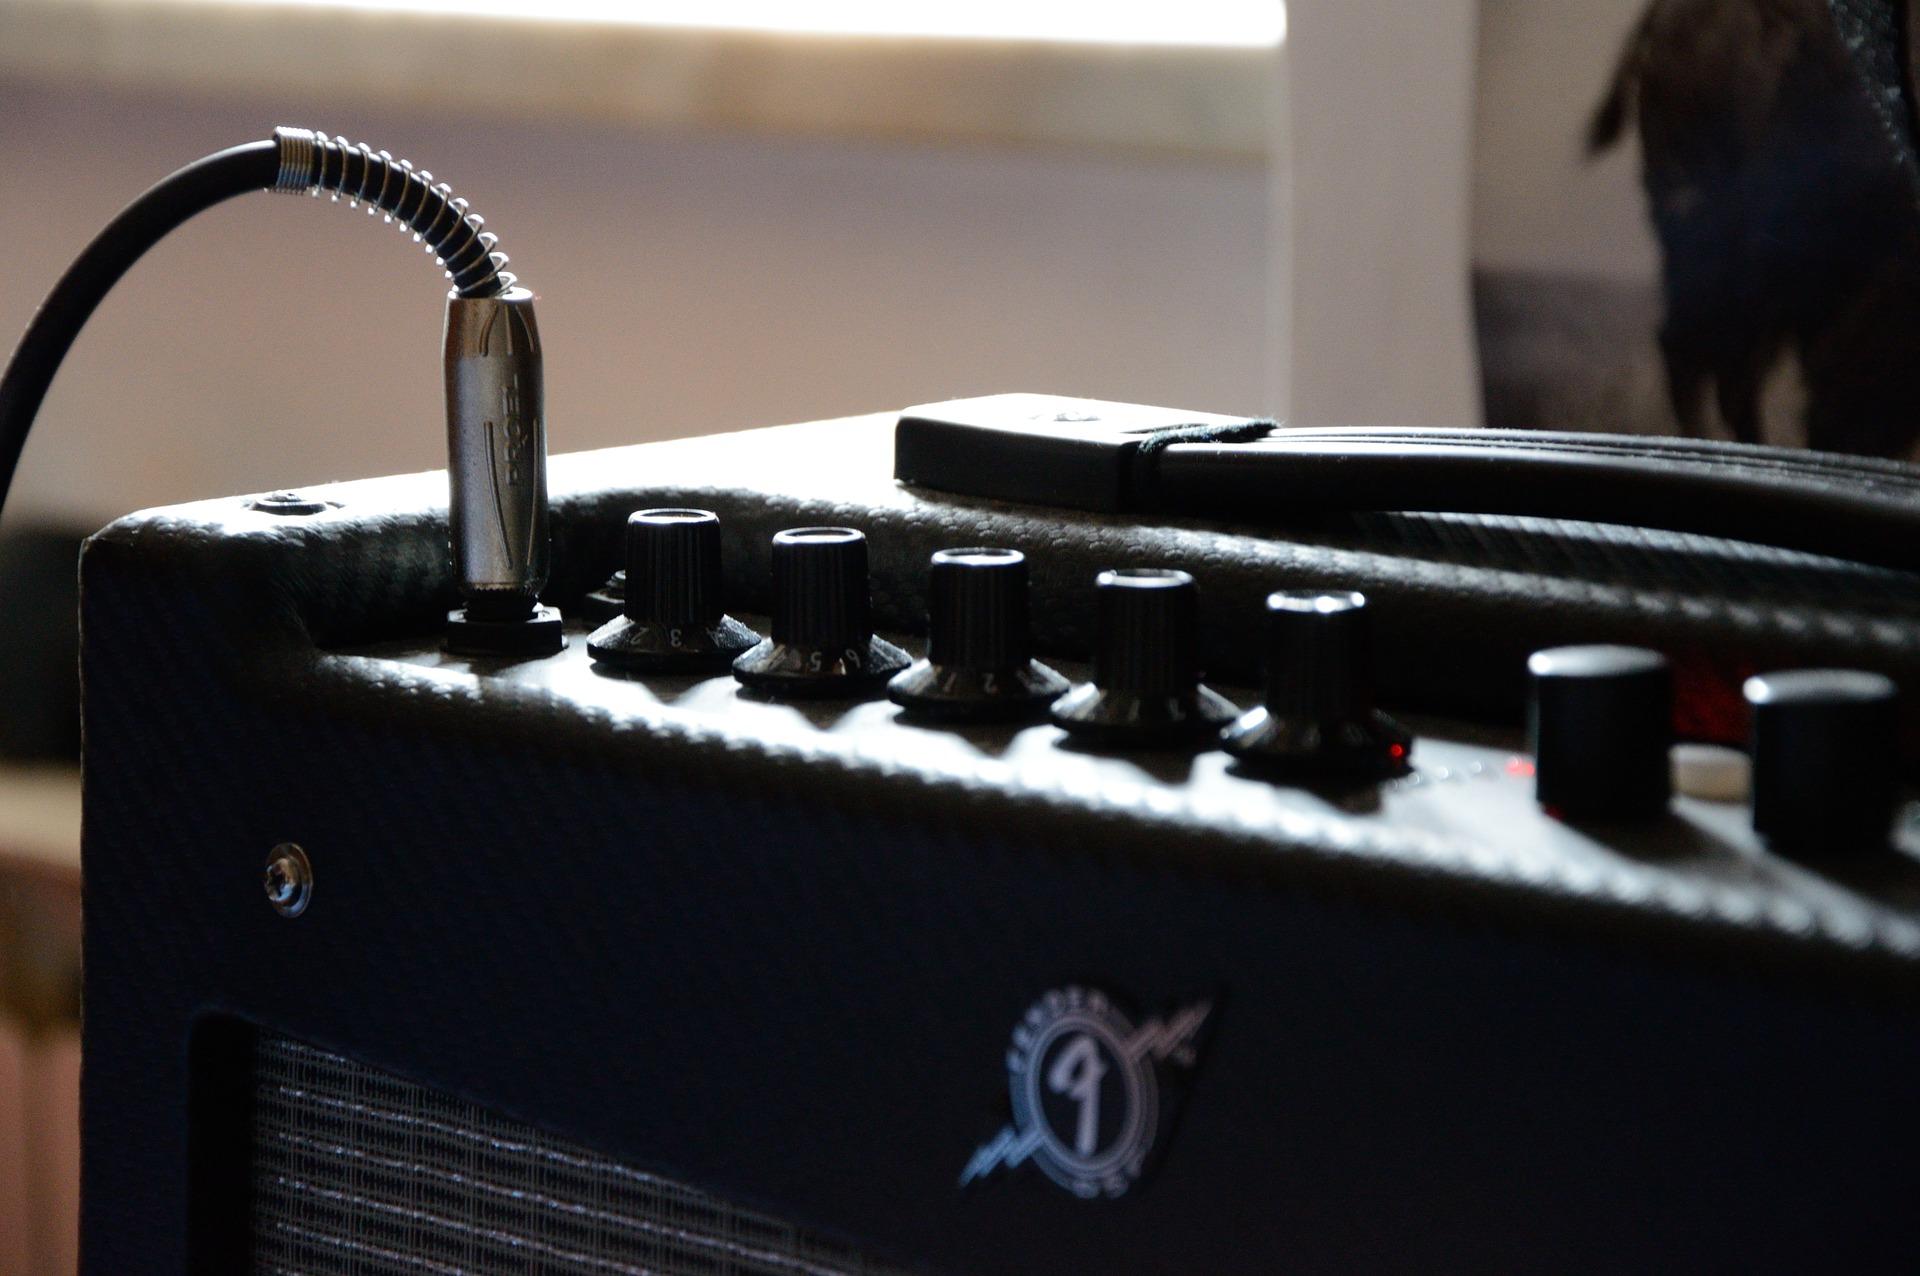 amplifier-1328055_1920